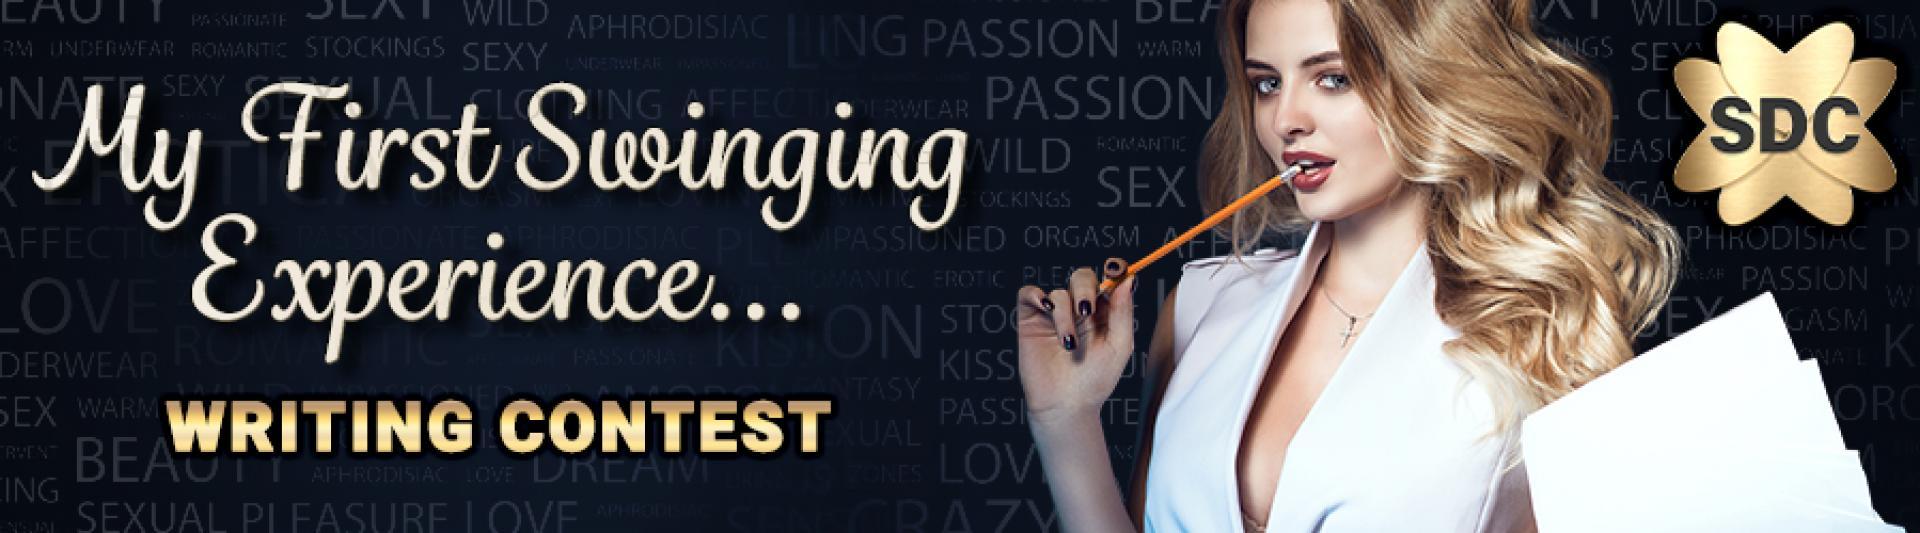 Concurso de escritura erótica de SDC Primera experiencia de swing Experiencia del miembro